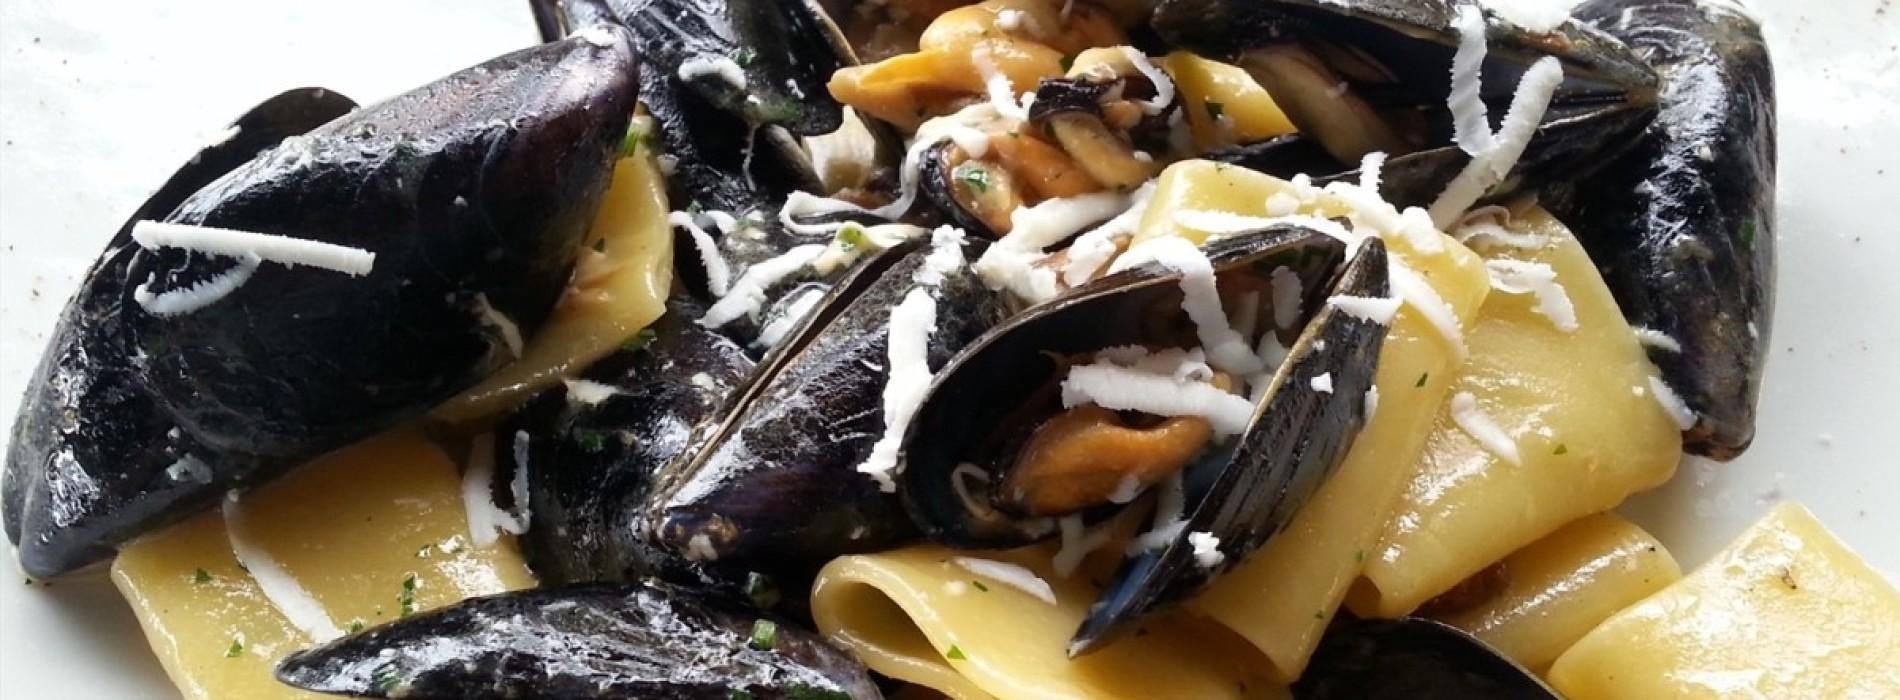 Sagre Lazio giugno 2016: festa delle cozze a Fiumicino e delle fettuccine all'Isola del Liri